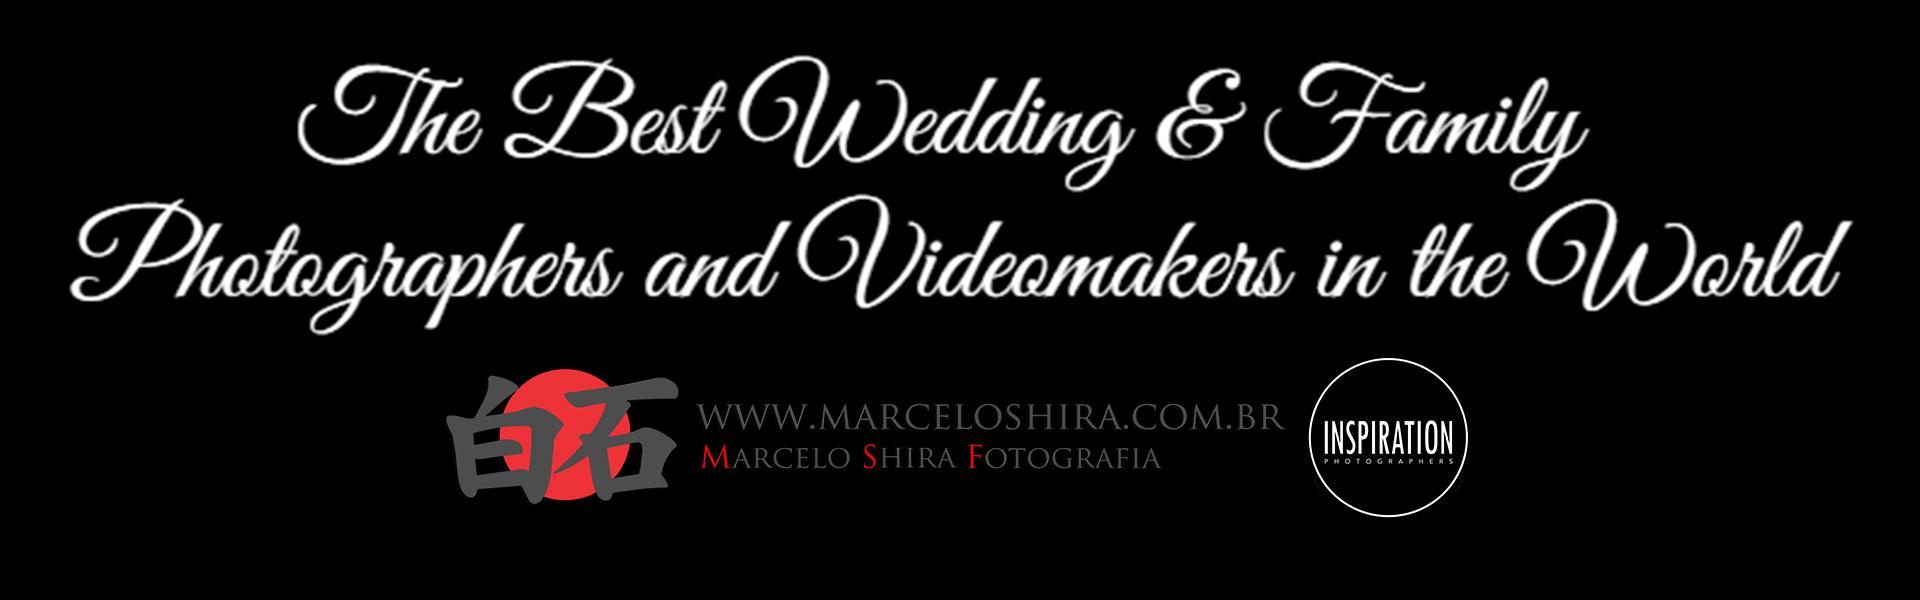 Contate Marcelo Shira Fotografia - Fotógrafo de Casamento, Mini Wedding, Ensaios Externos, Gestantes, Books e Workshop - Guarulhos - SP/São Paulo - SP .